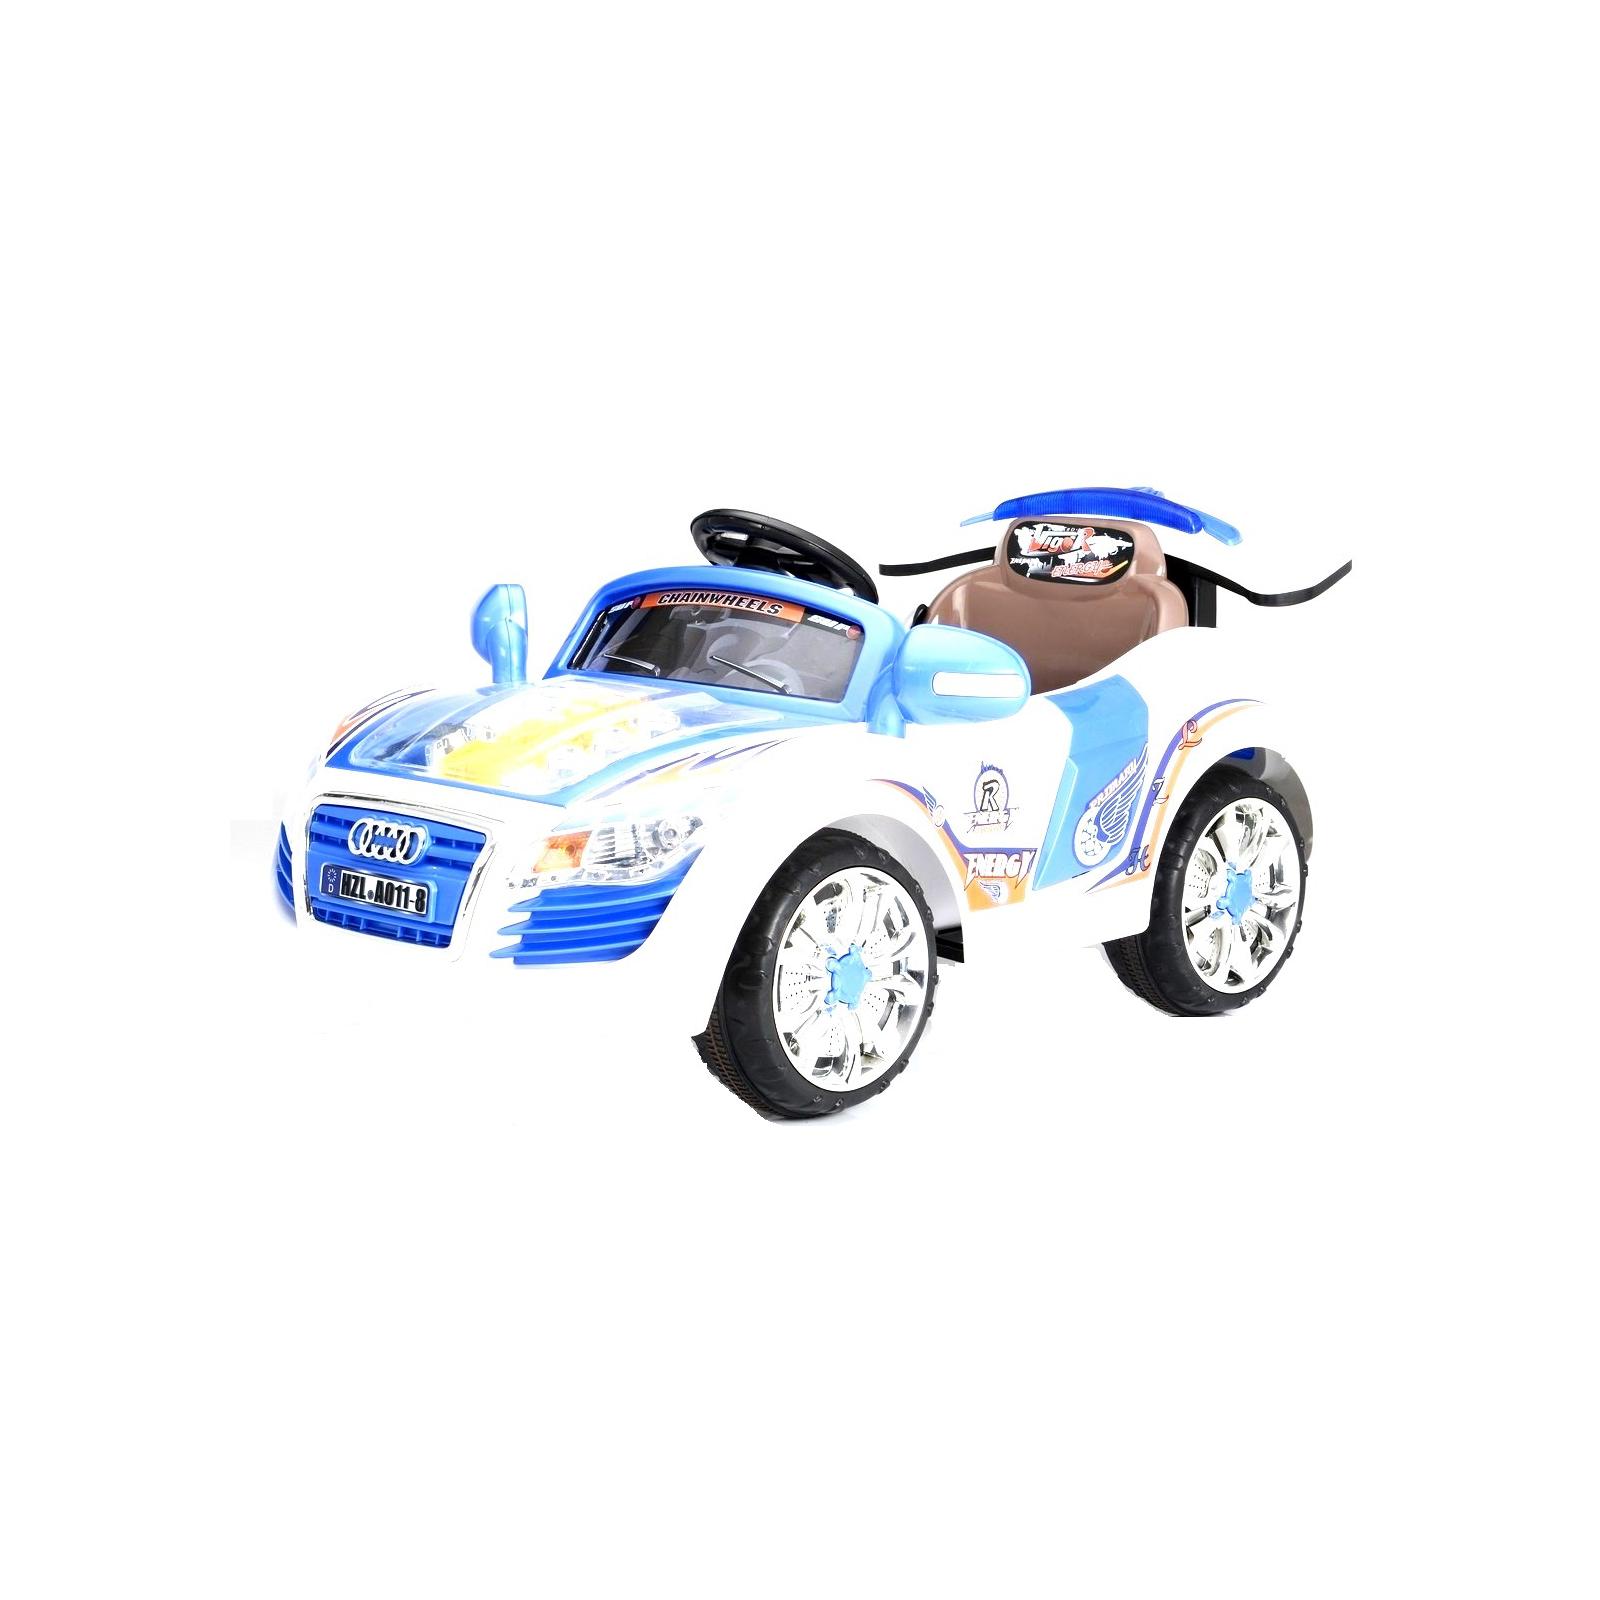 Электромобиль RT В 021-2 с пультом Синий